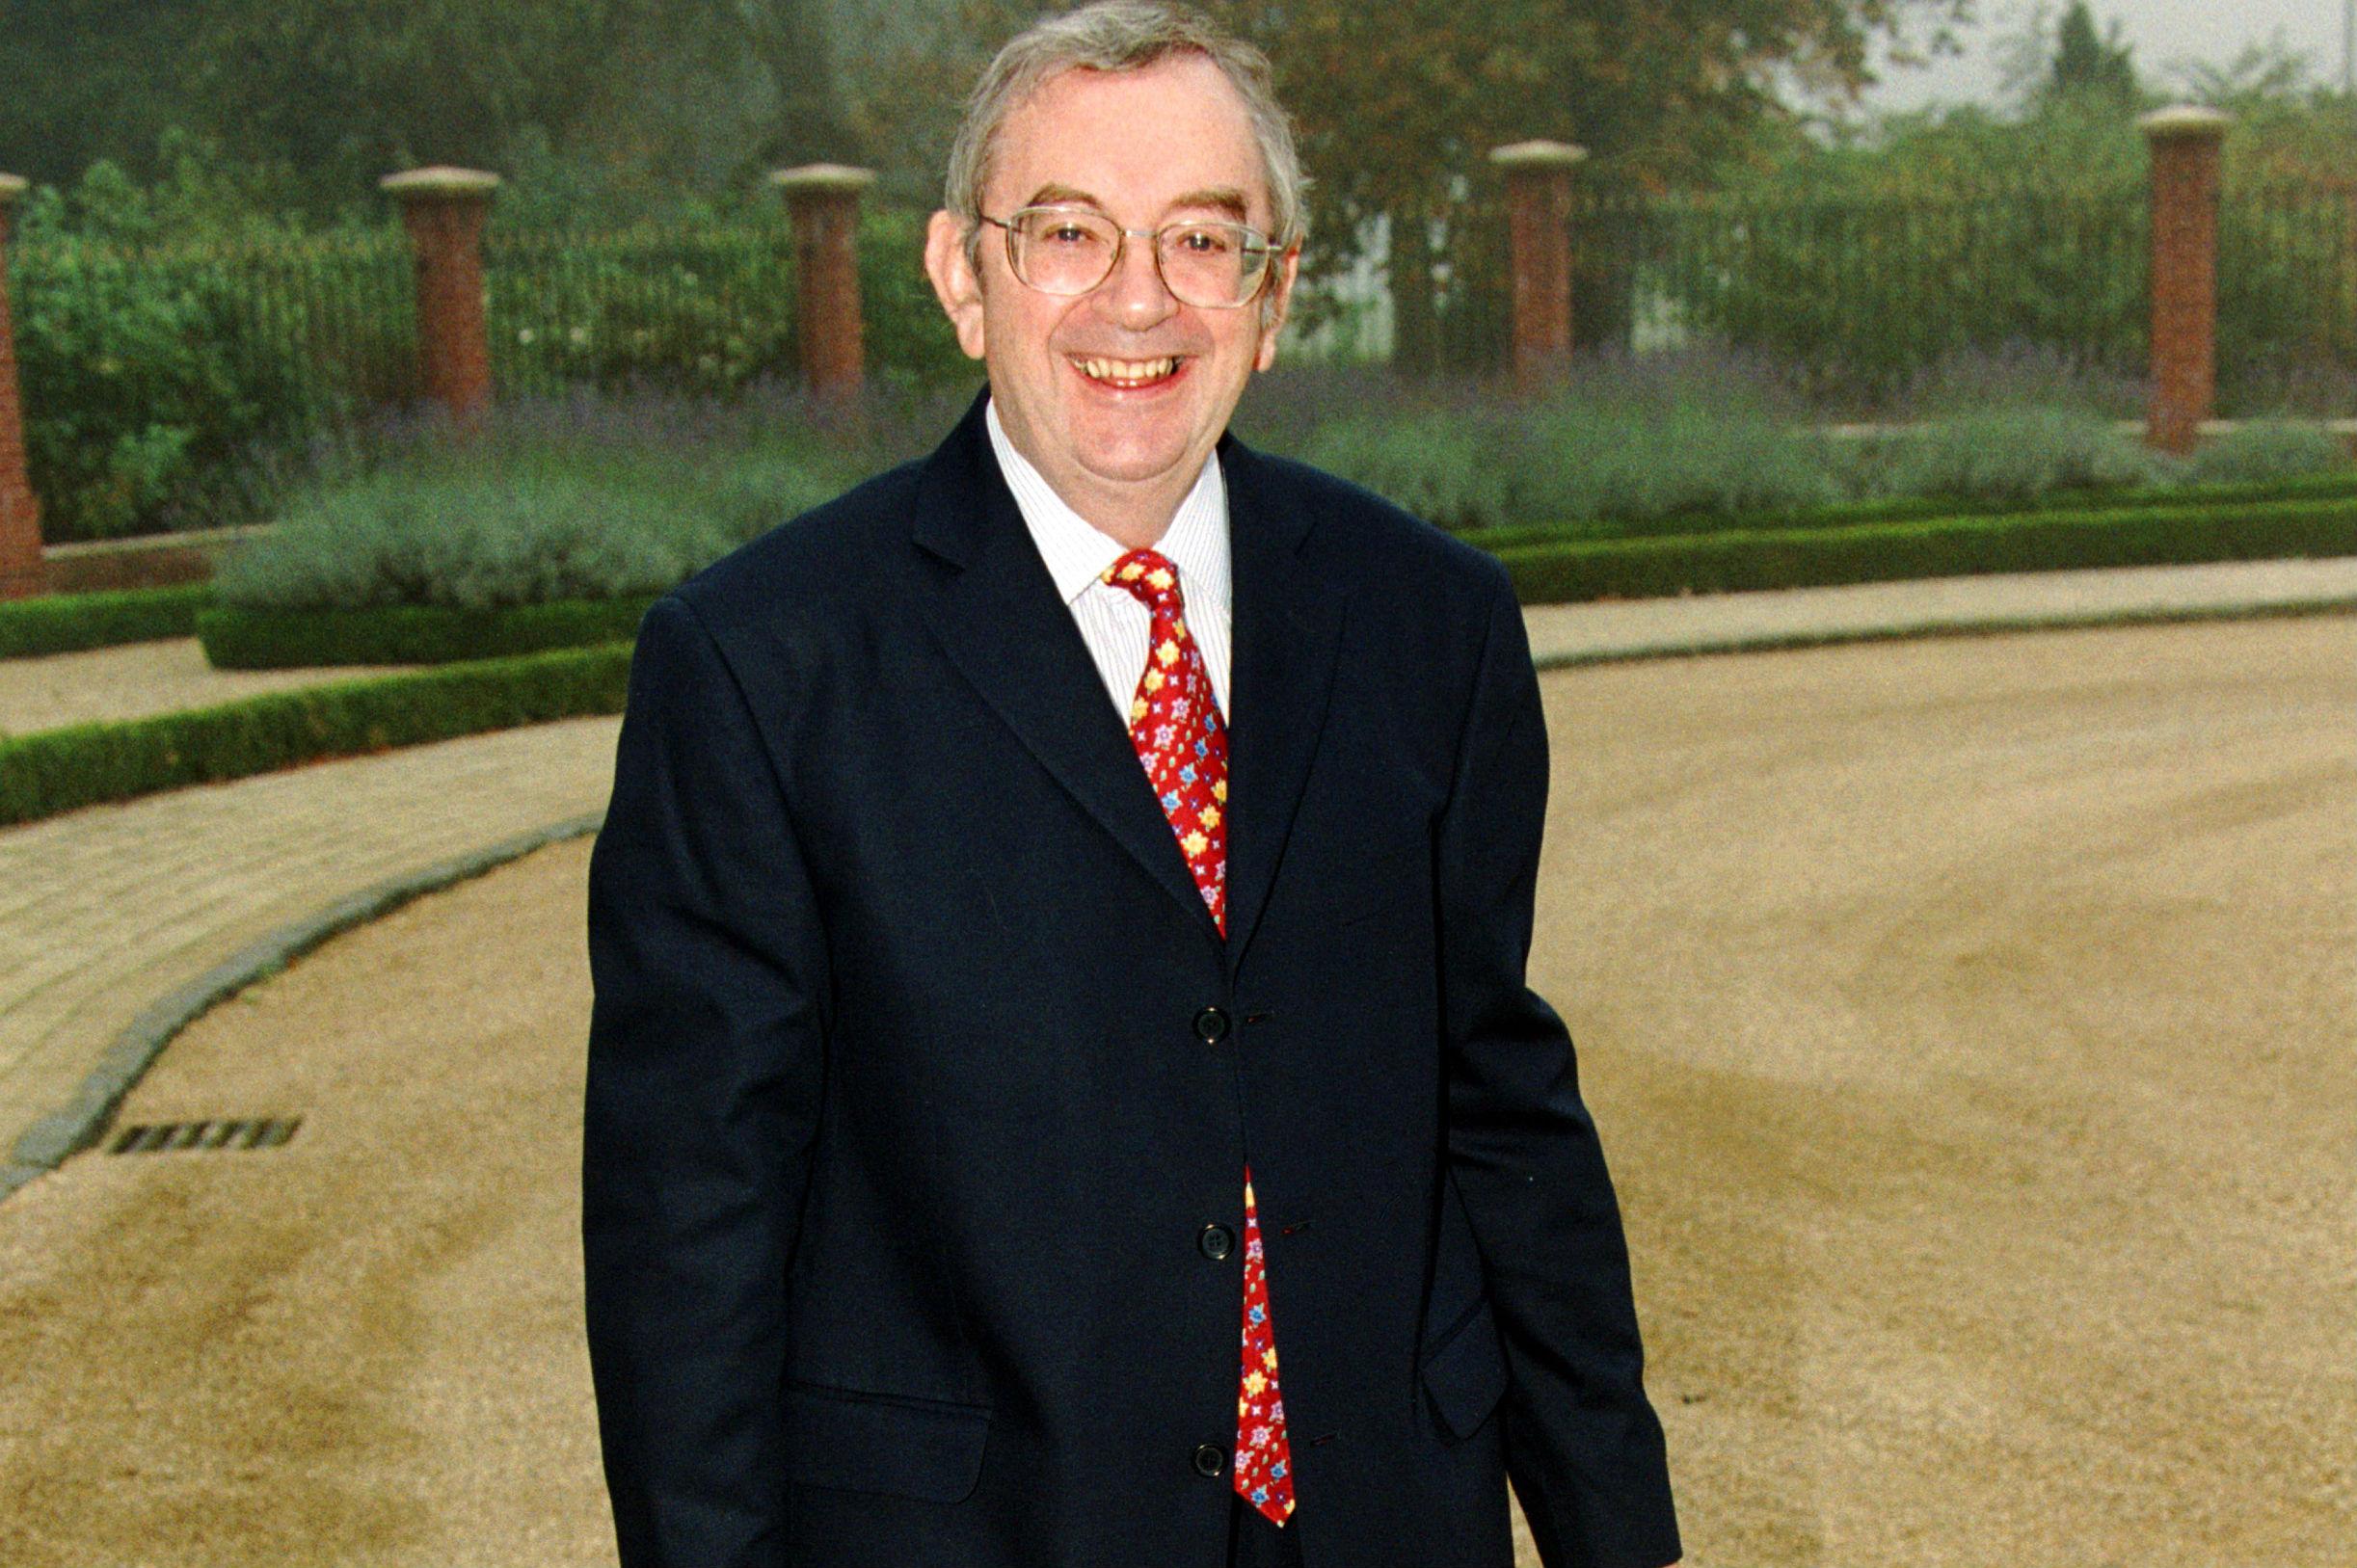 Ian Mccaskill